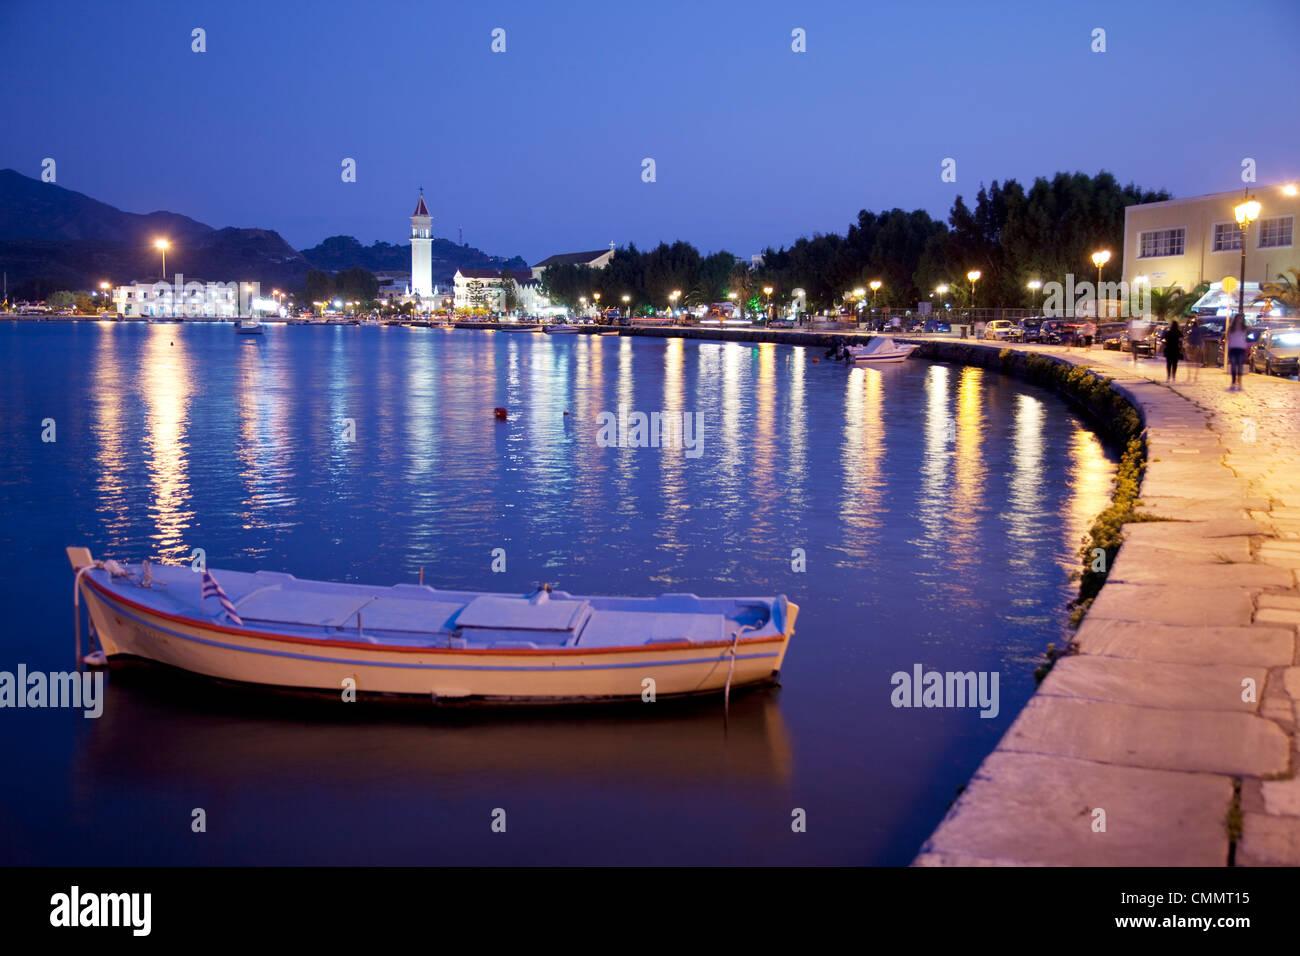 Harbour at dusk, Zakynthos Town, Zakynthos, Ionian Islands, Greek Islands, Greece, Europe - Stock Image